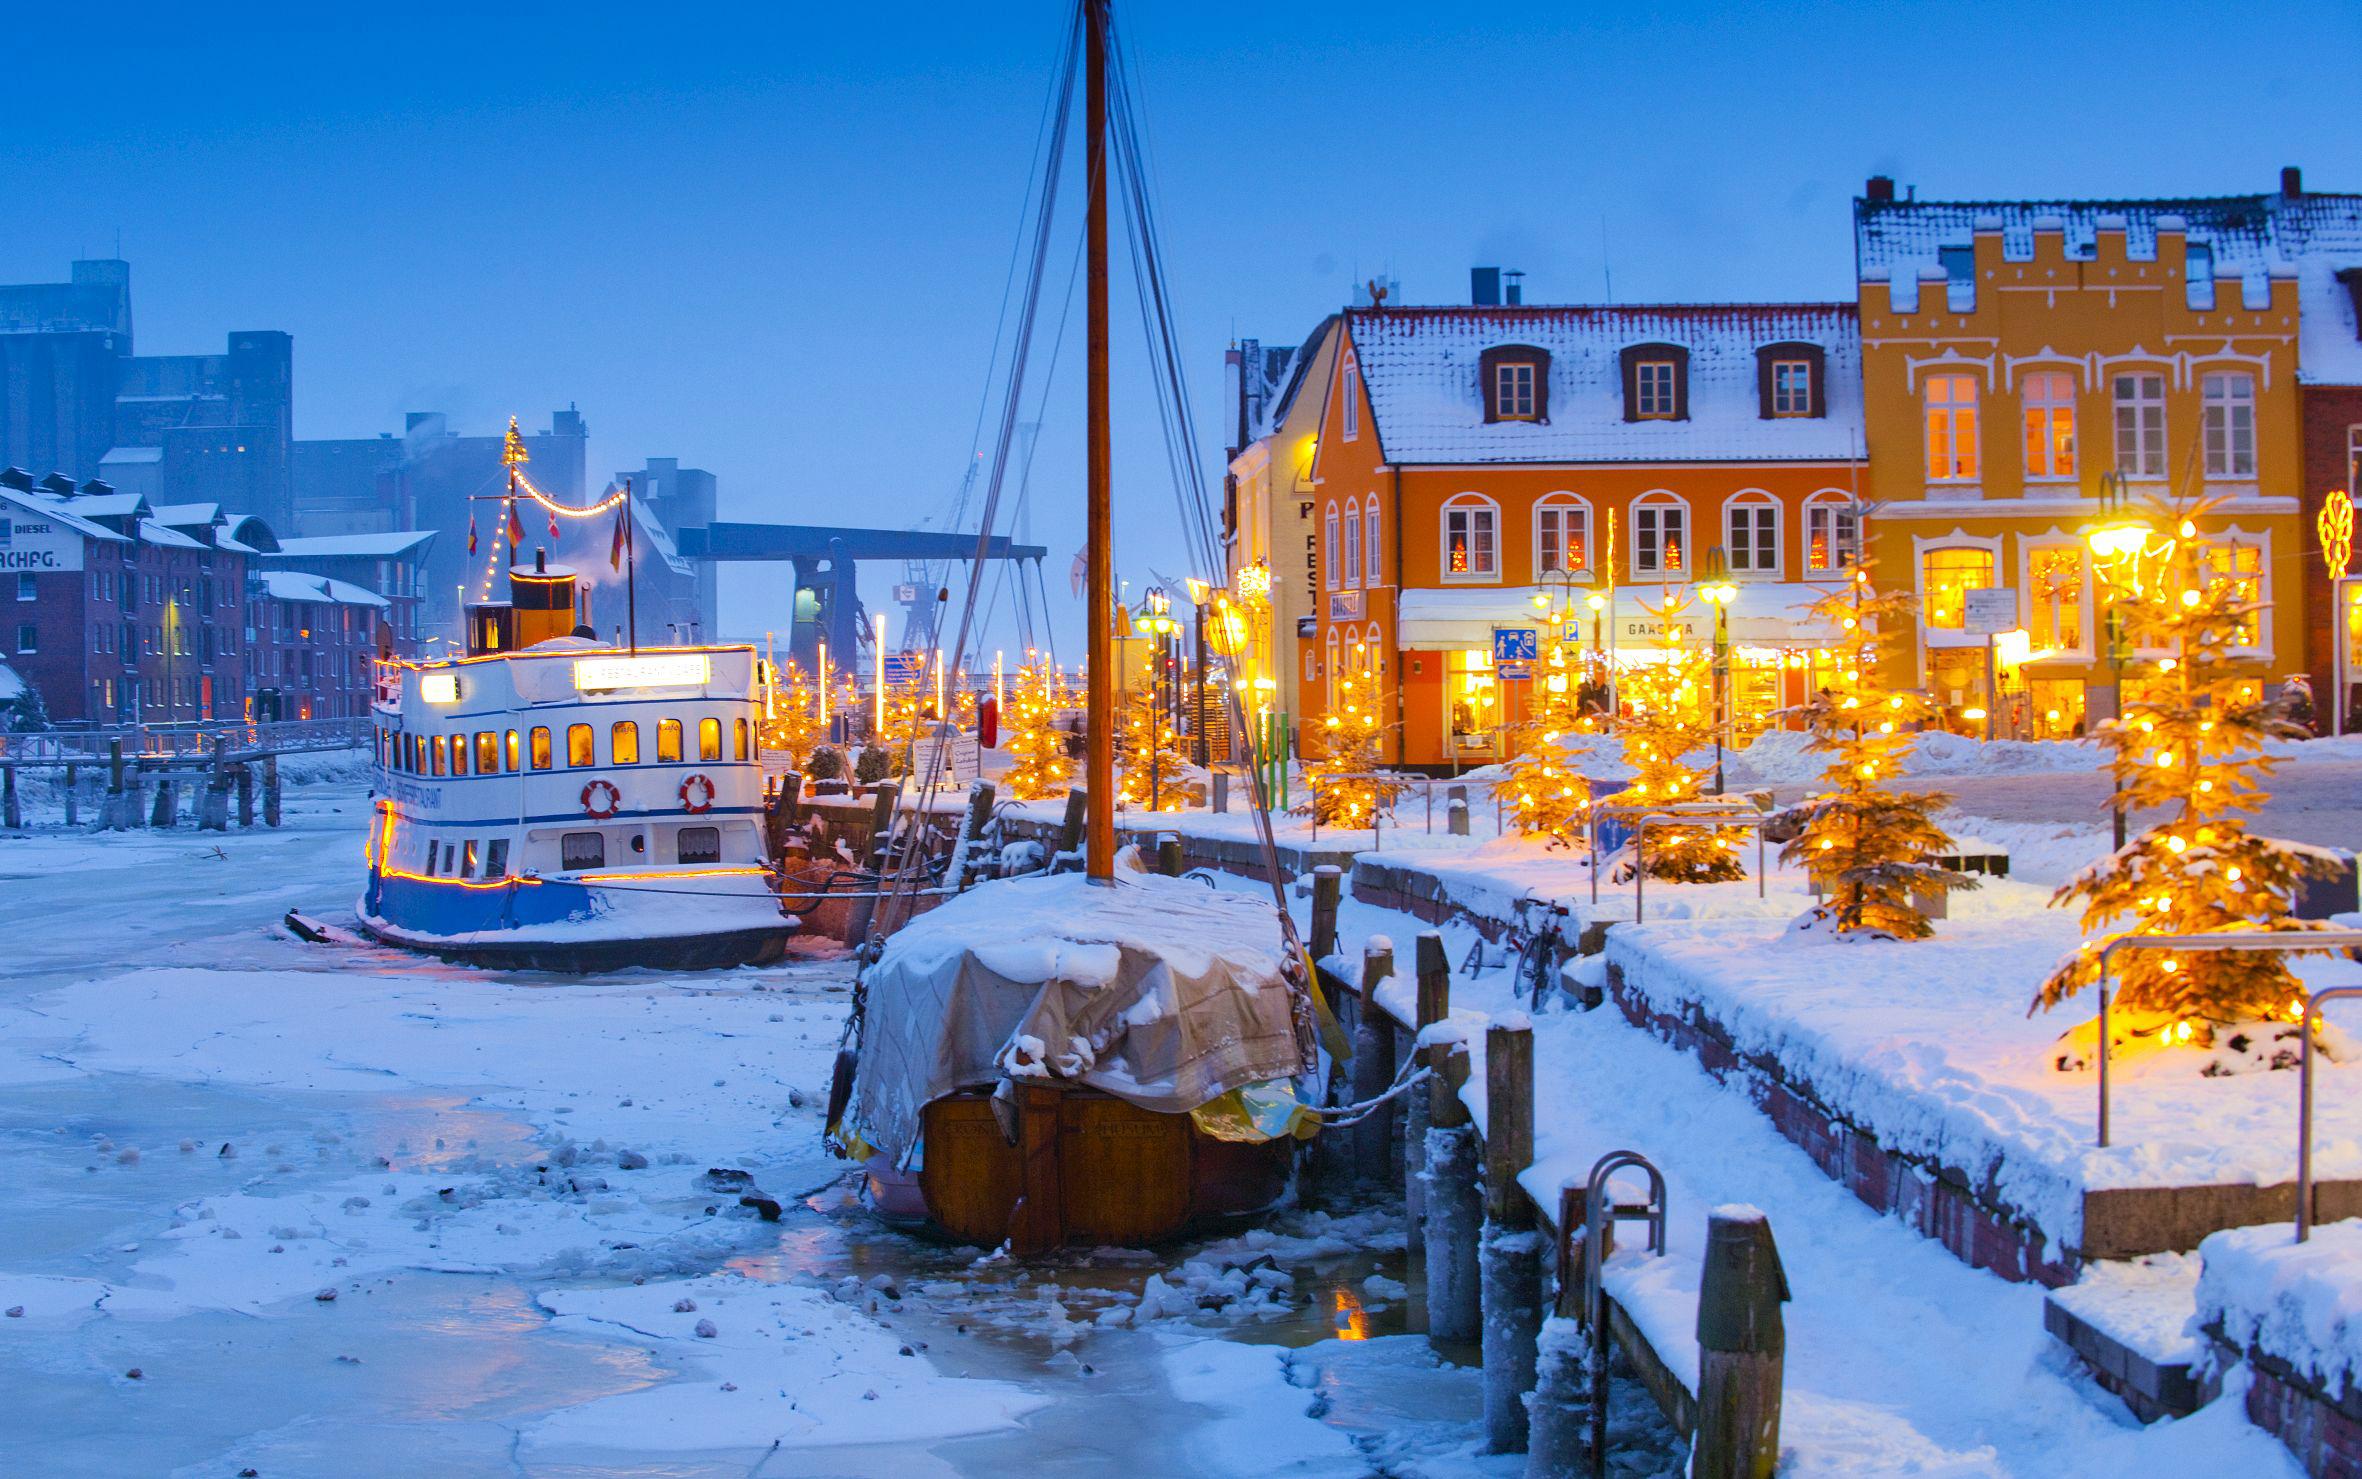 Die schönsten Weihnachtsmärkte in Schleswig-Holstein: Husum